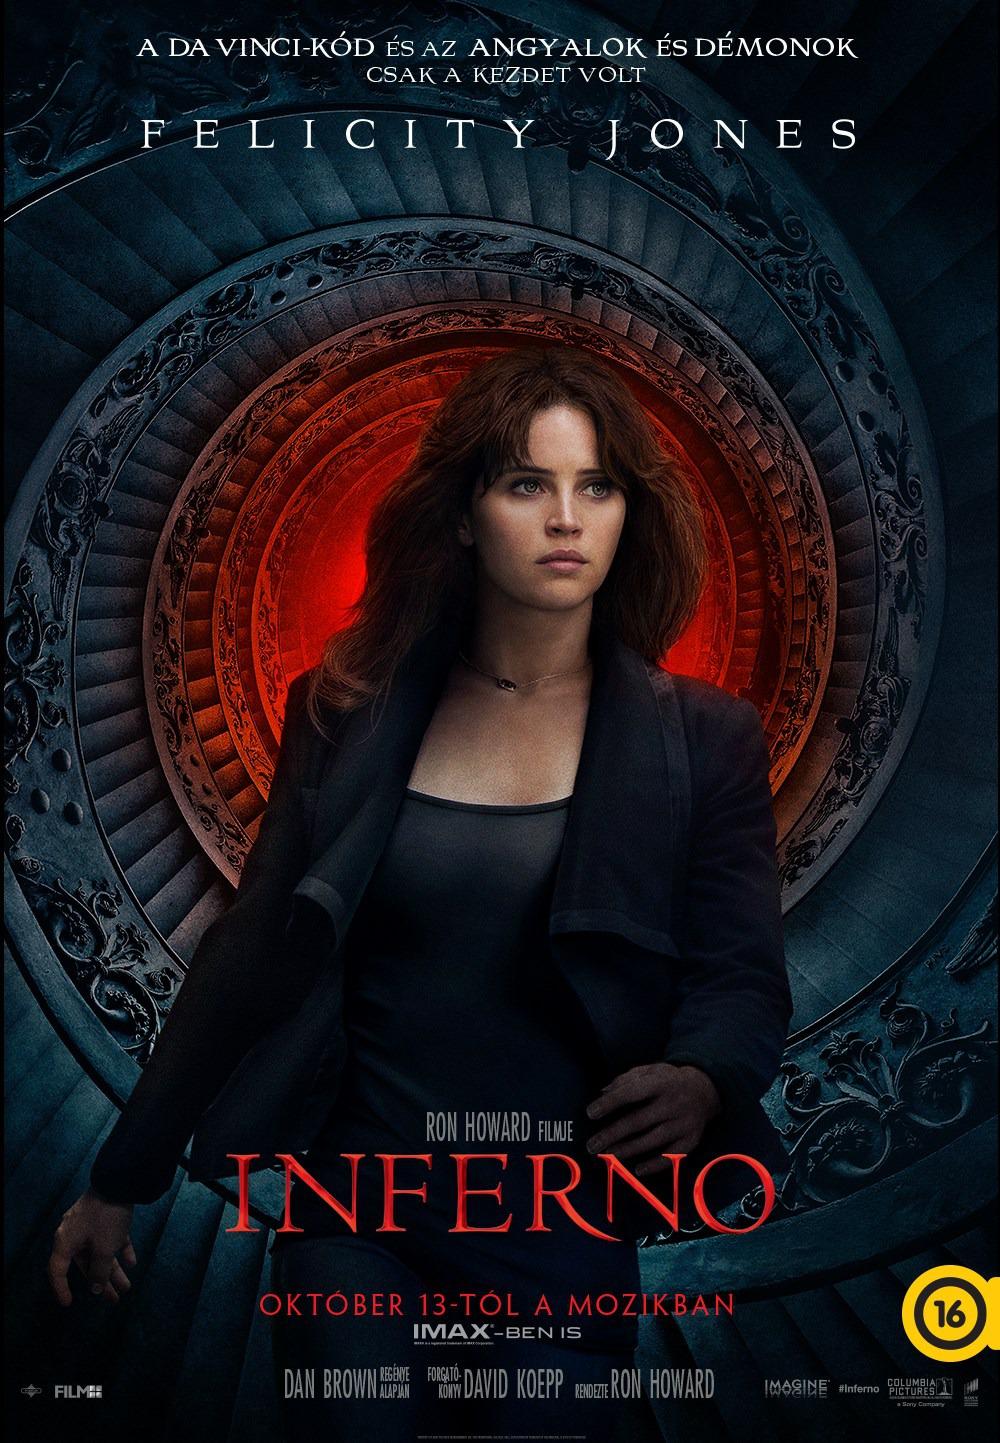 Nuevo póster de 'Inferno' centrado en Felicity Jones